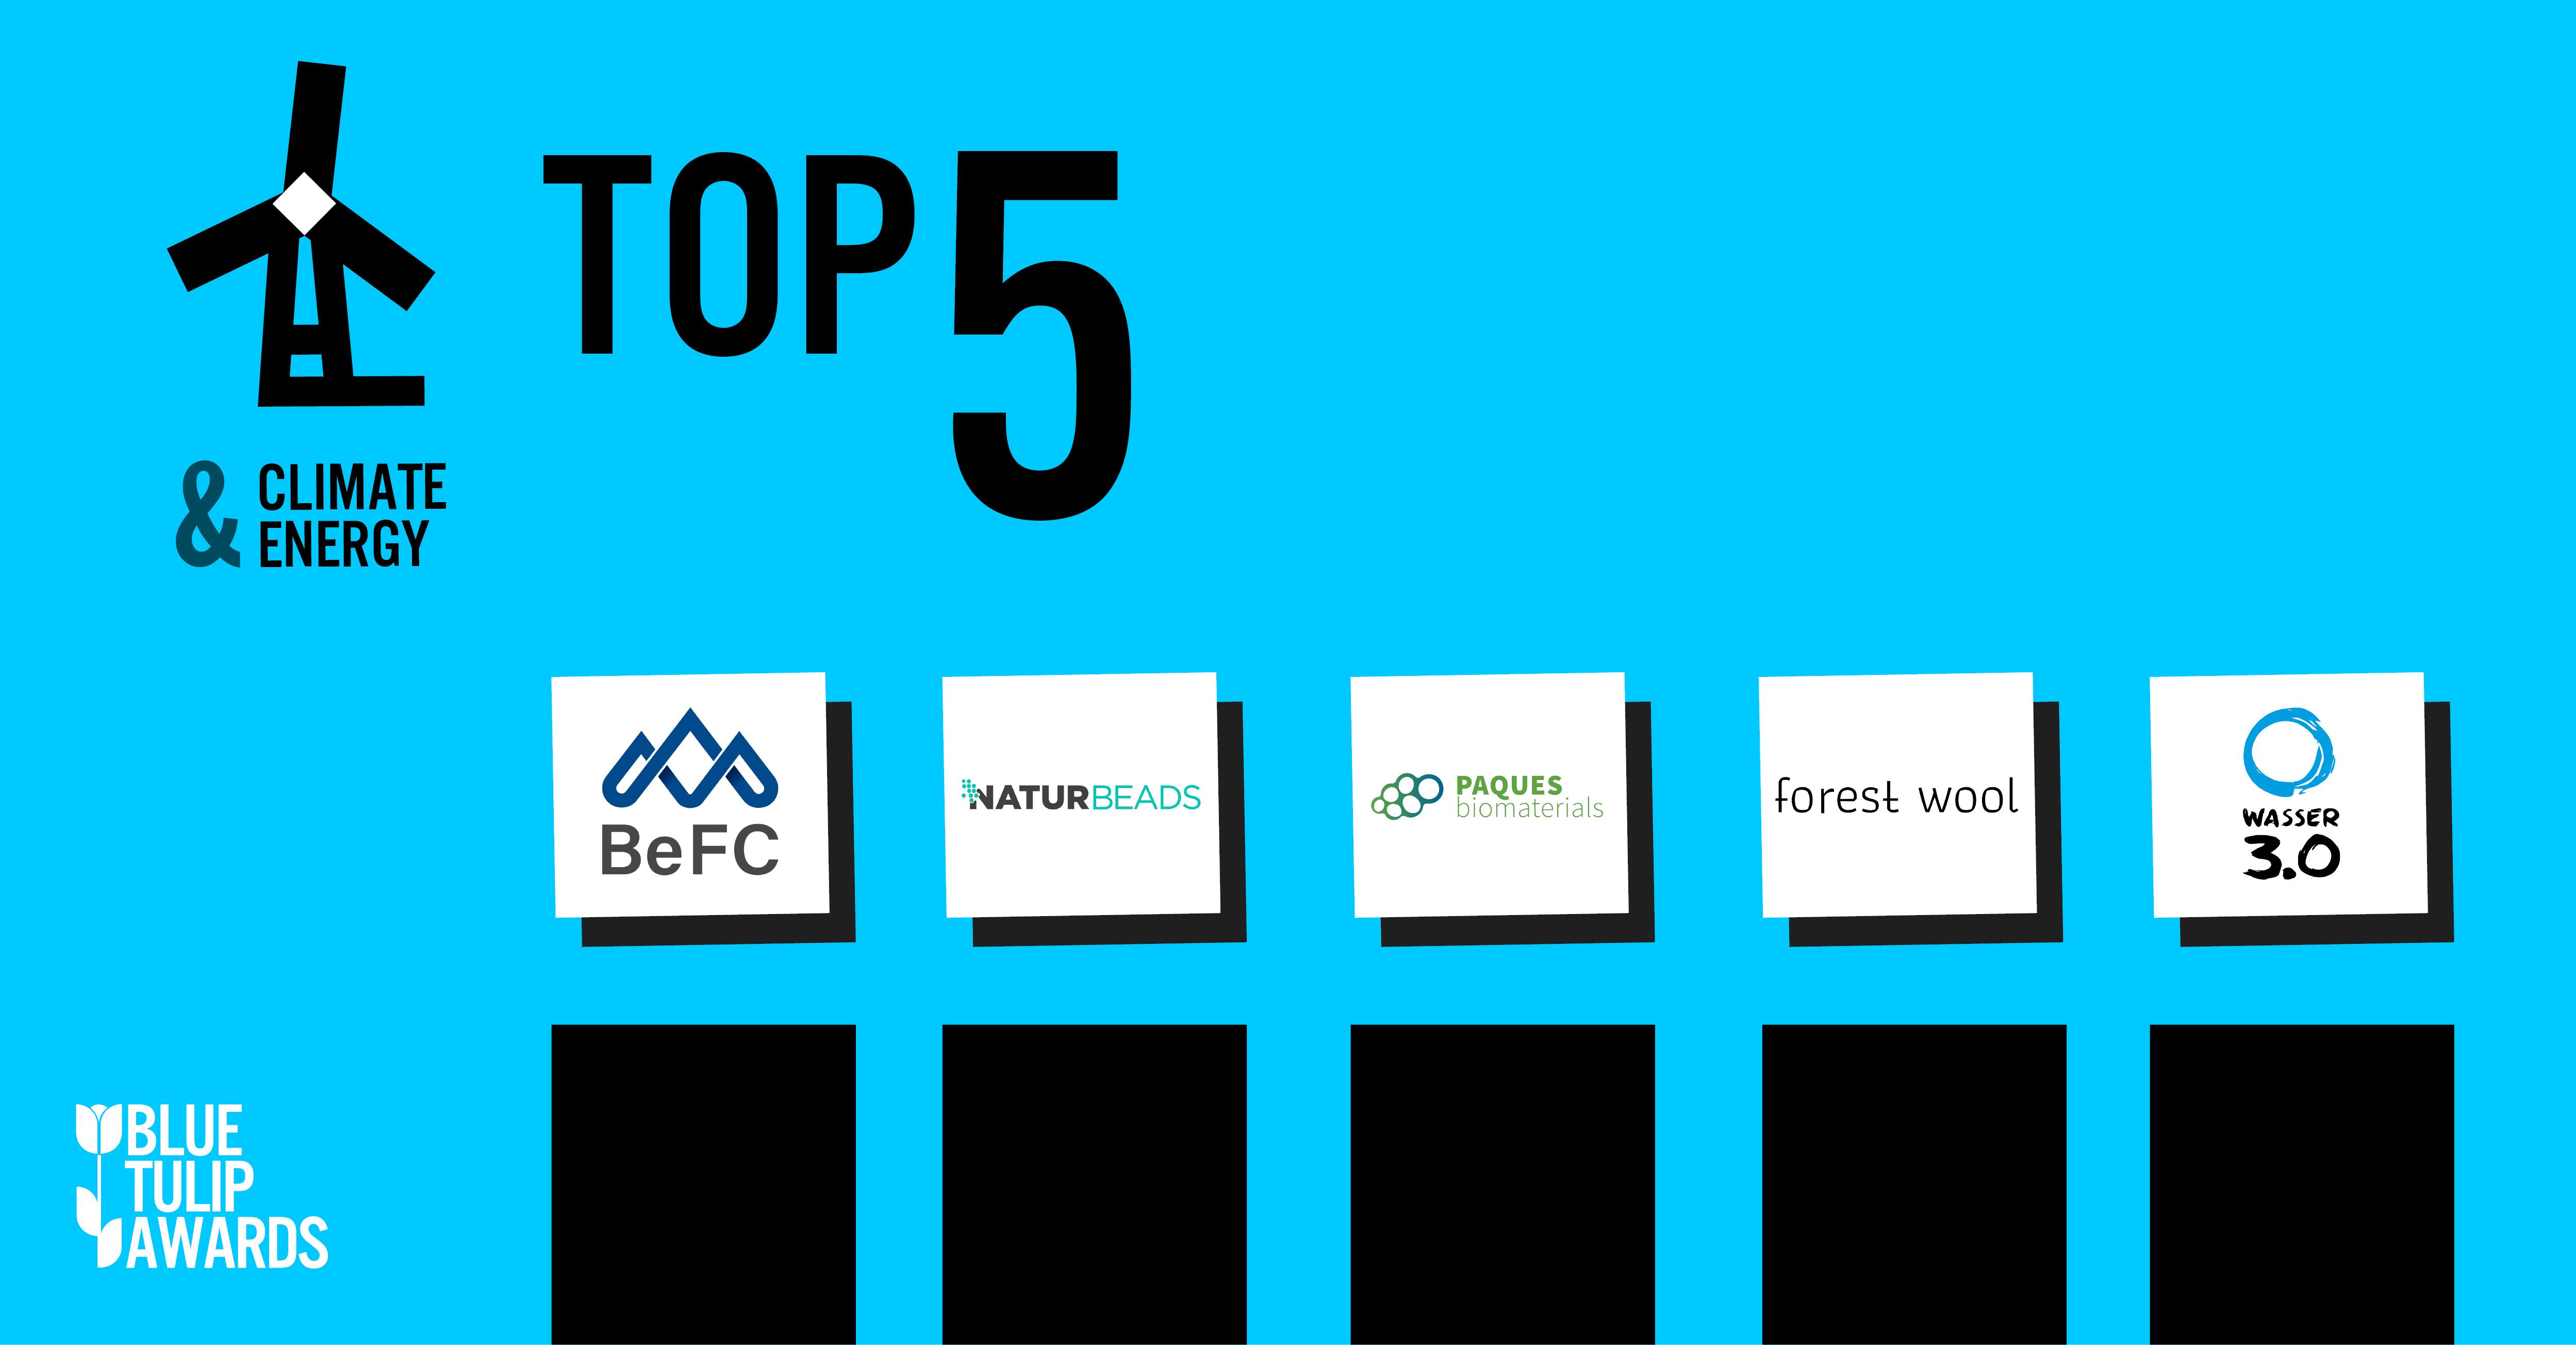 Das sind die Top 5 in der Kategorie Klima und Energie